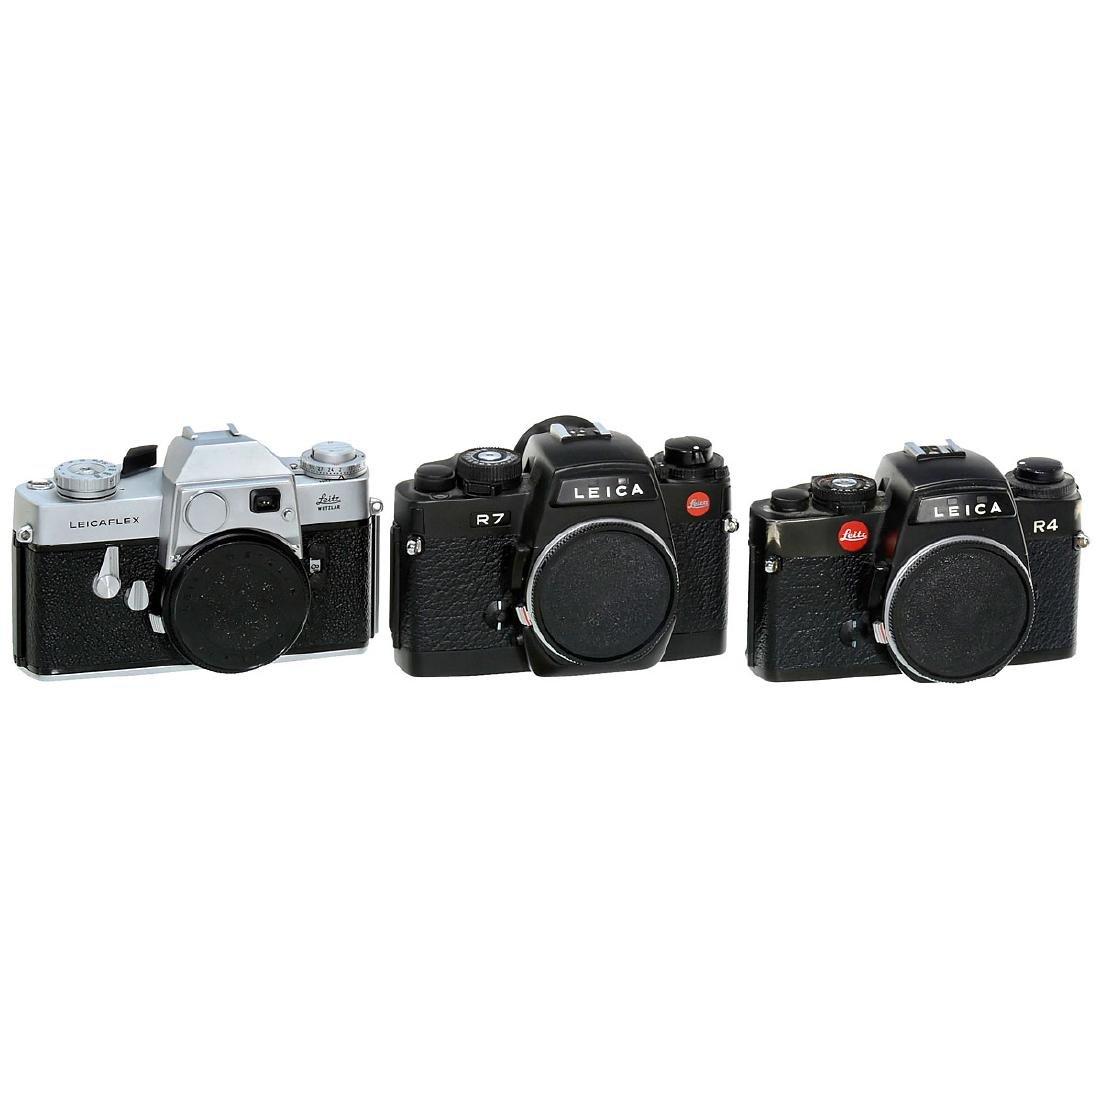 Leicaflex, Leica R4 and R7